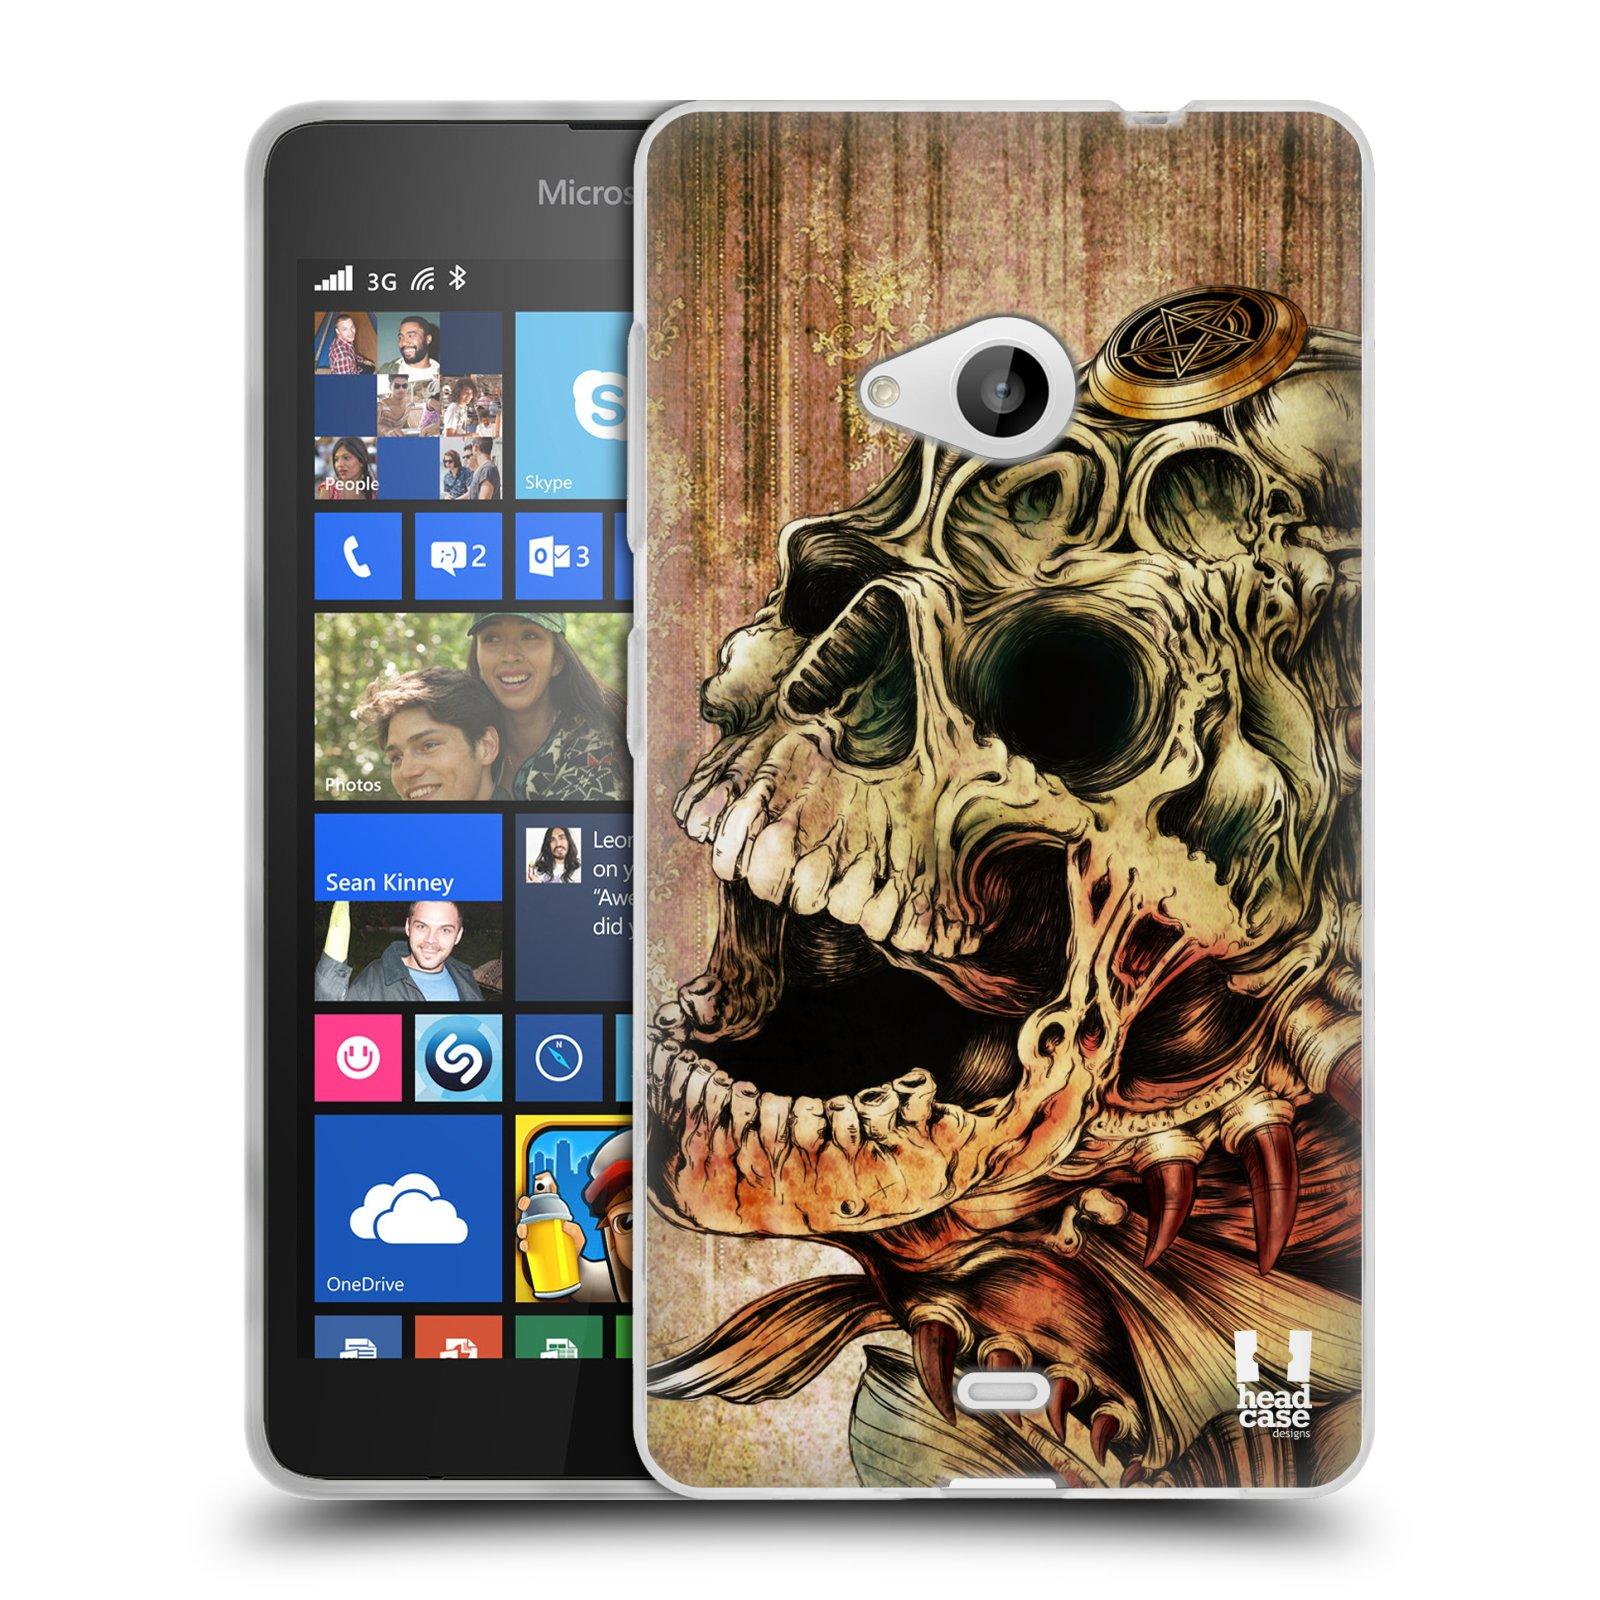 Silikonové pouzdro na mobil Microsoft Lumia 535 HEAD CASE PIRANHA (Silikonový kryt či obal na mobilní telefon Microsoft Lumia 535)